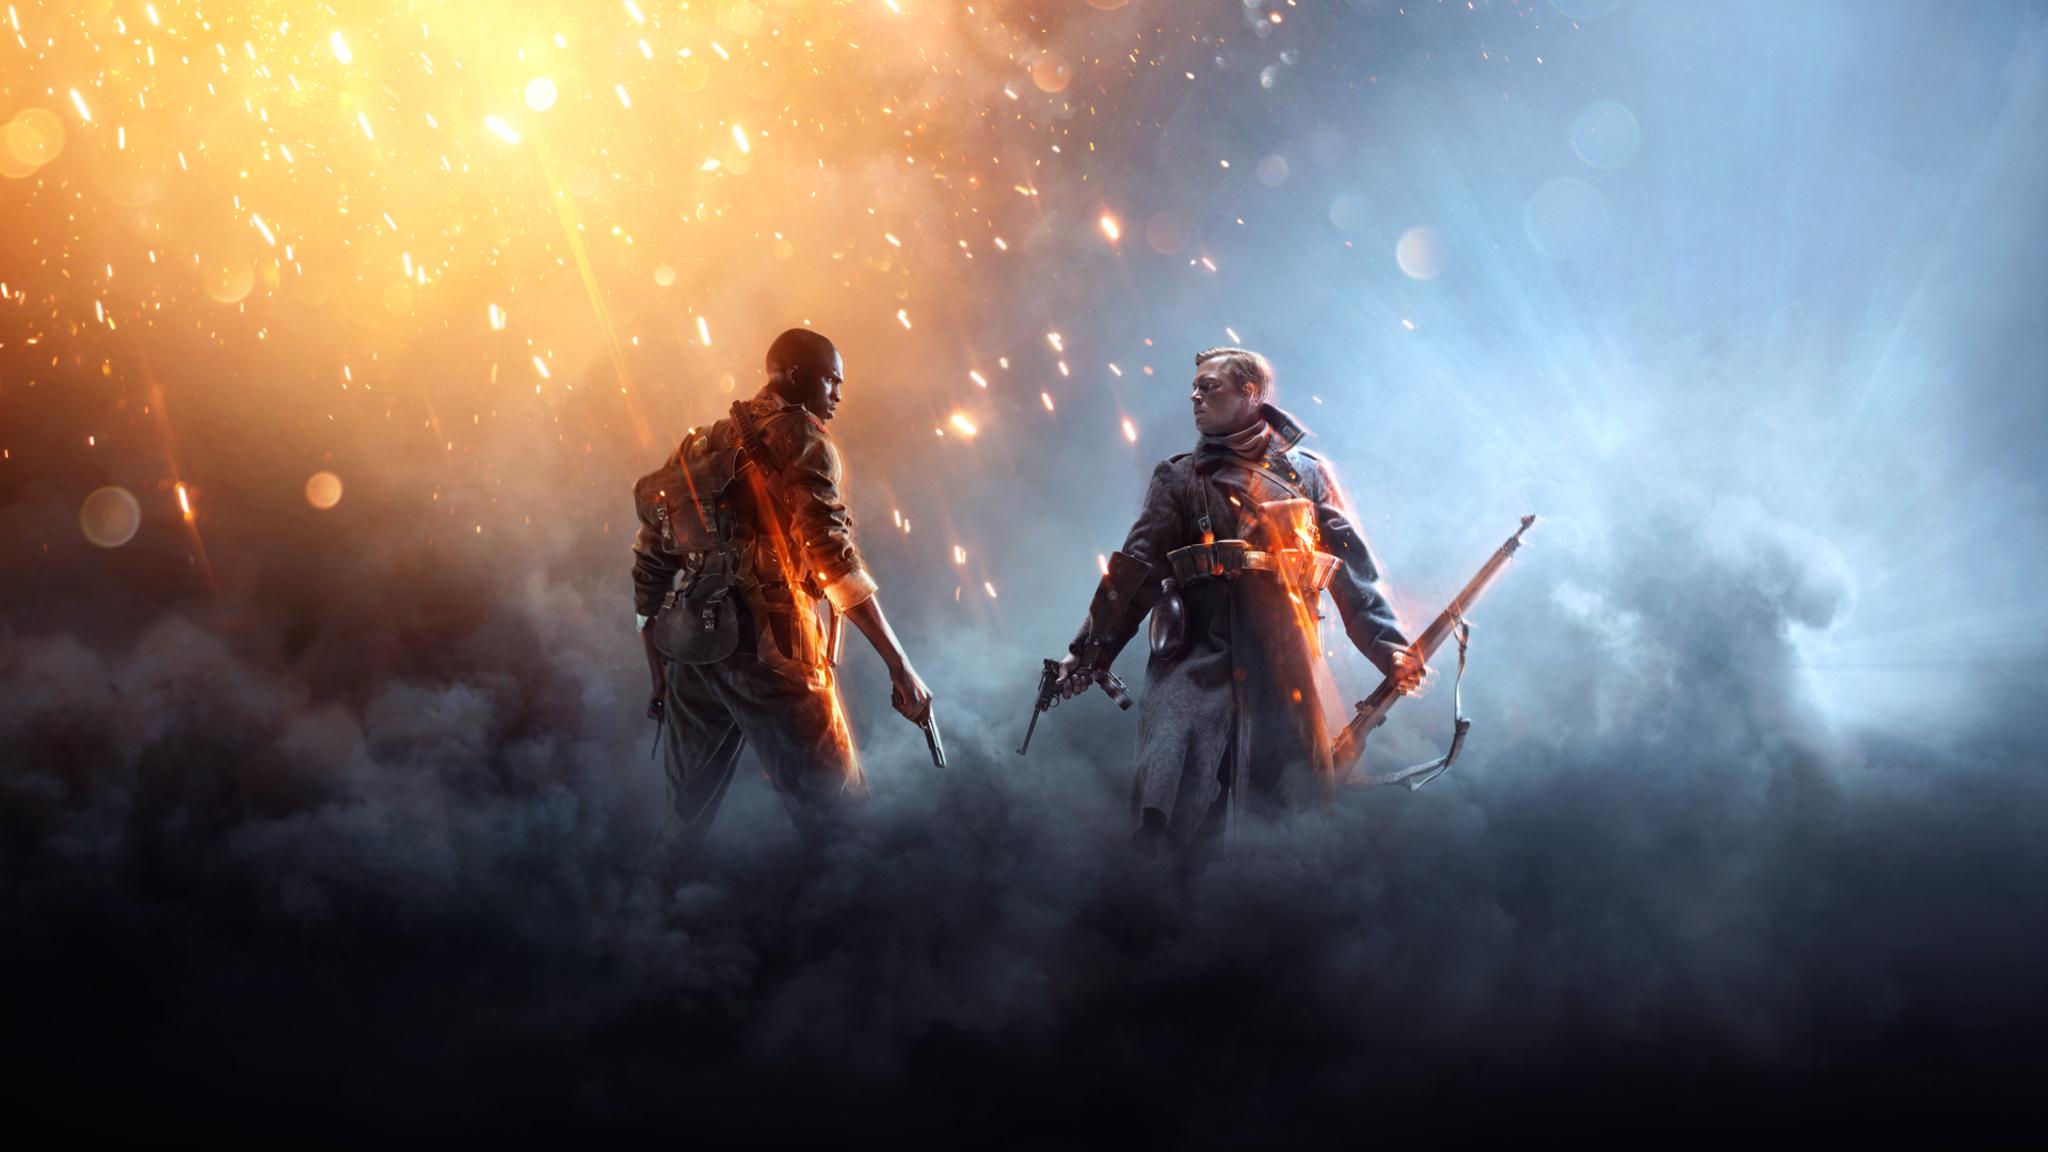 2048x1152 Pubg Fan Art 2048x1152 Resolution Hd 4k: 2048x1152 Battlefield 1 Game Art 2048x1152 Resolution HD